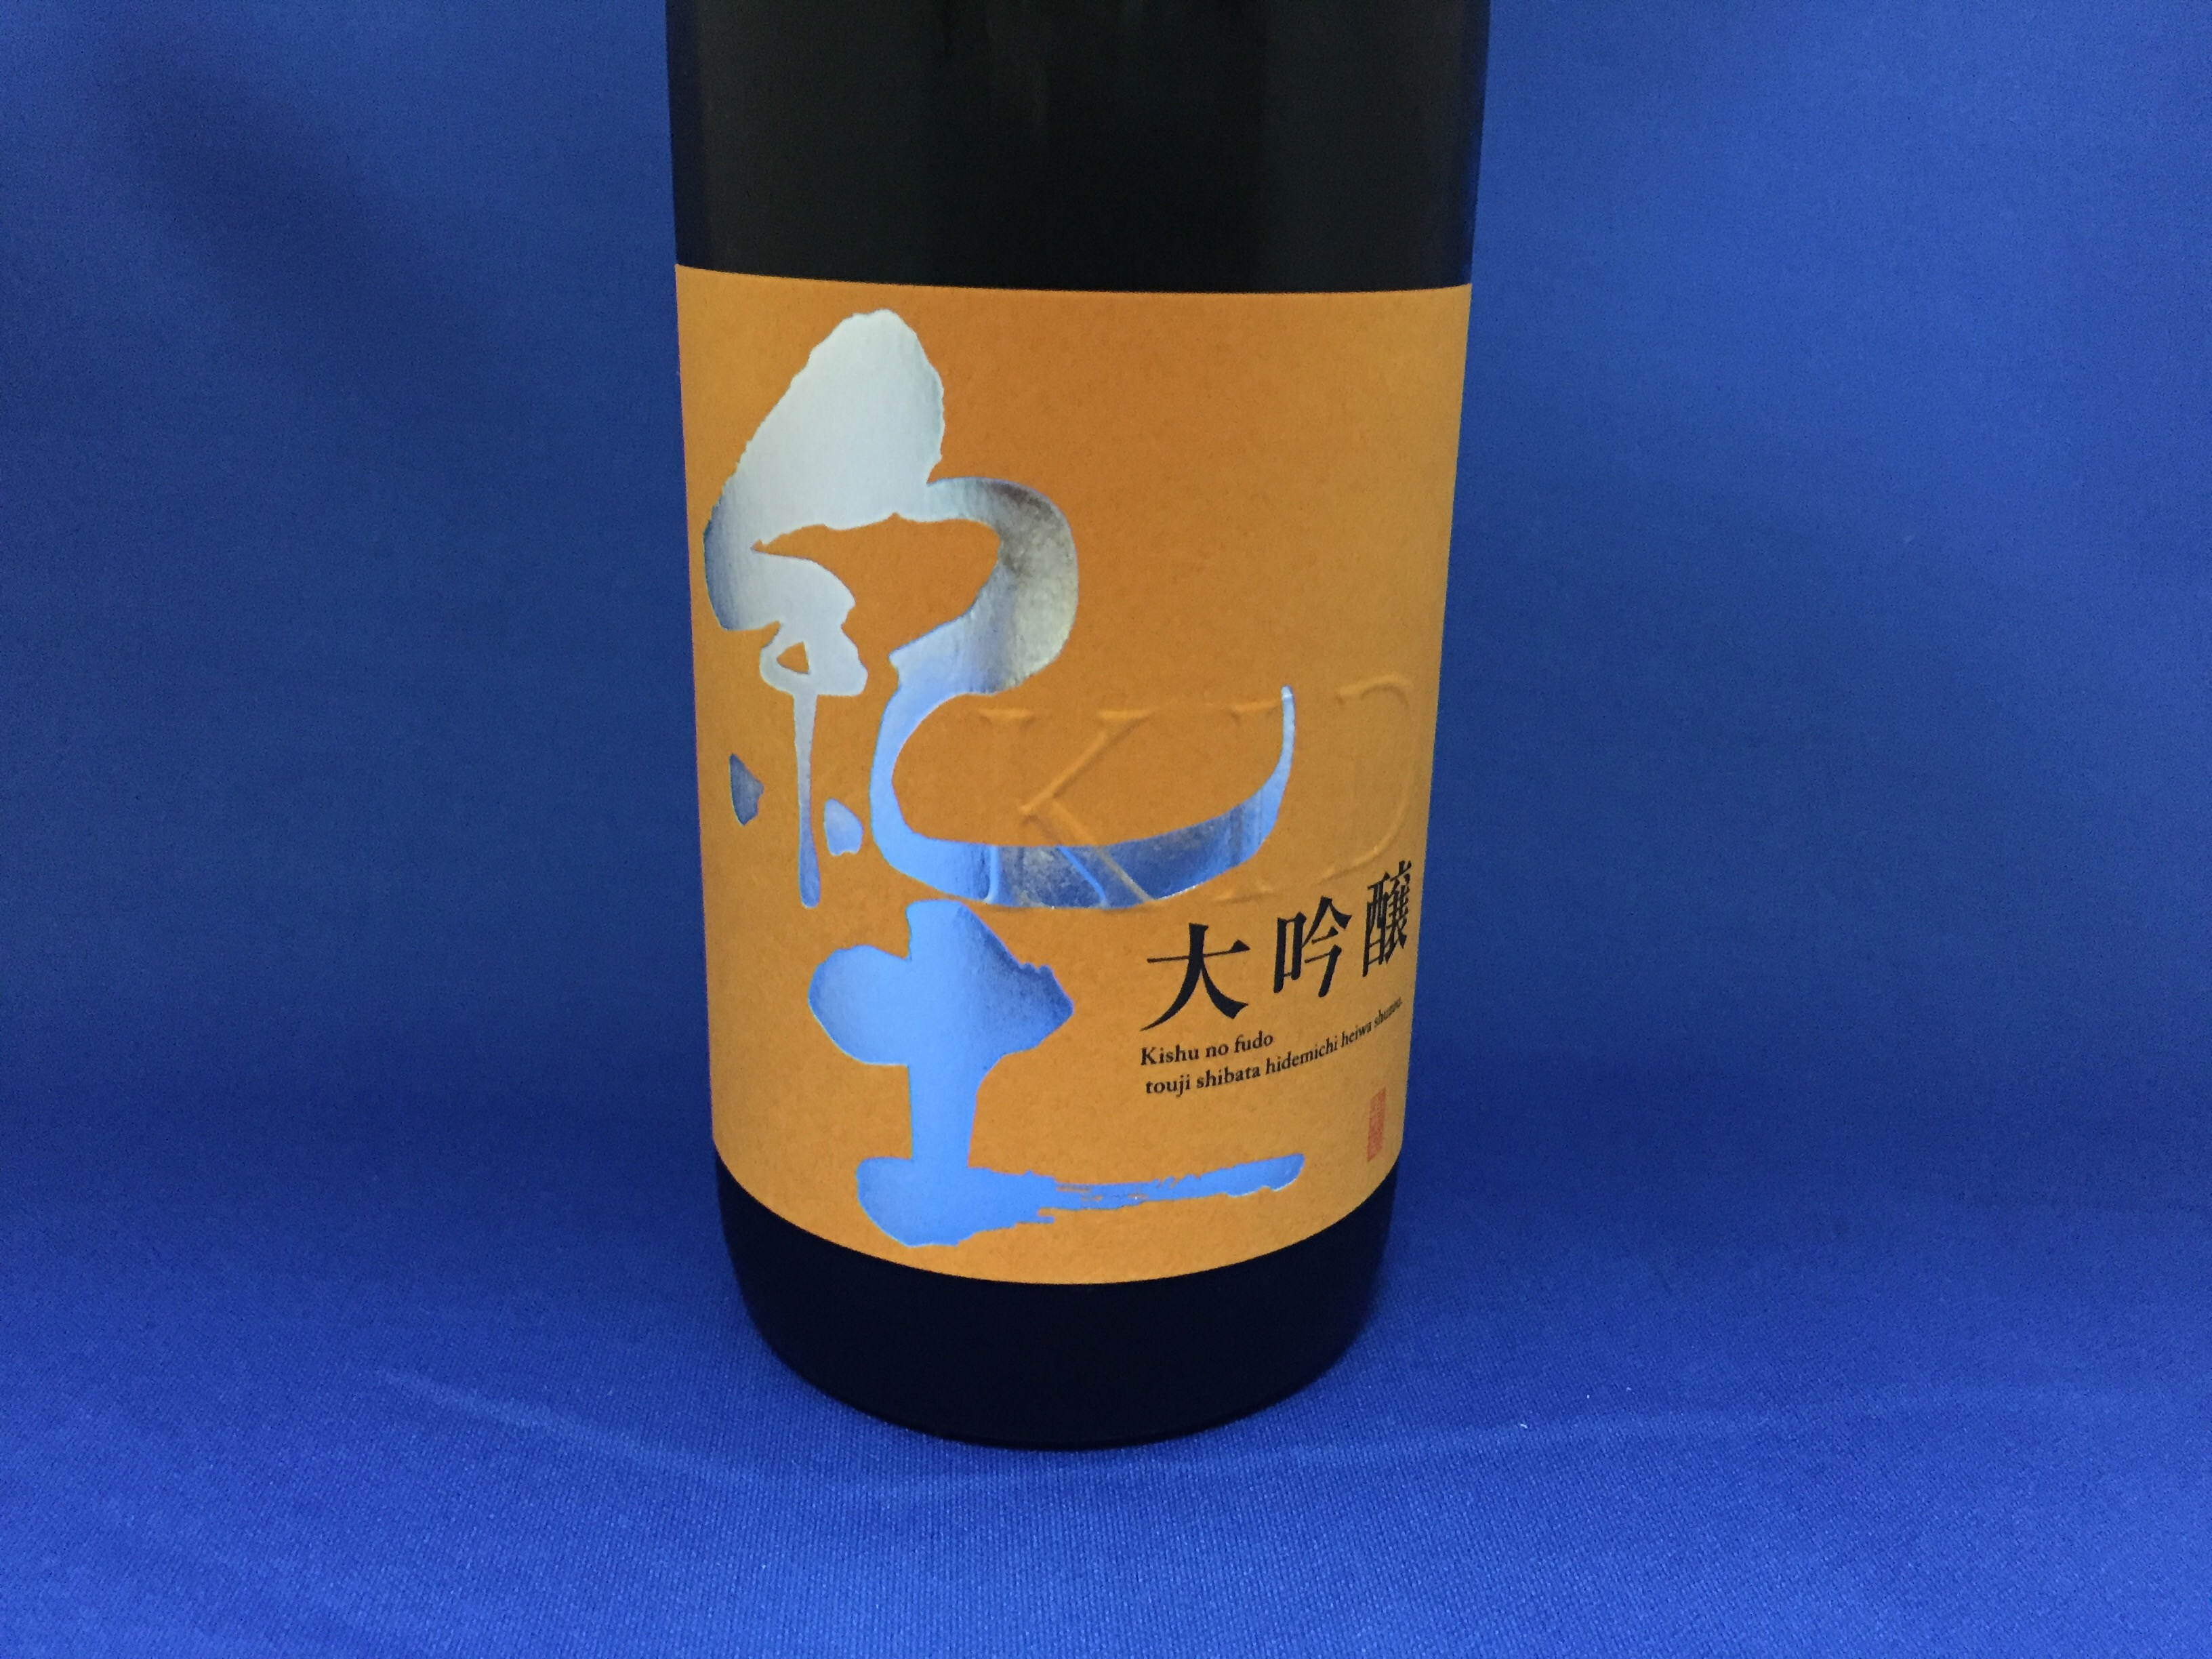 山田錦を35%まで磨いた 美しく優しい日本酒 「紀土 大吟醸」